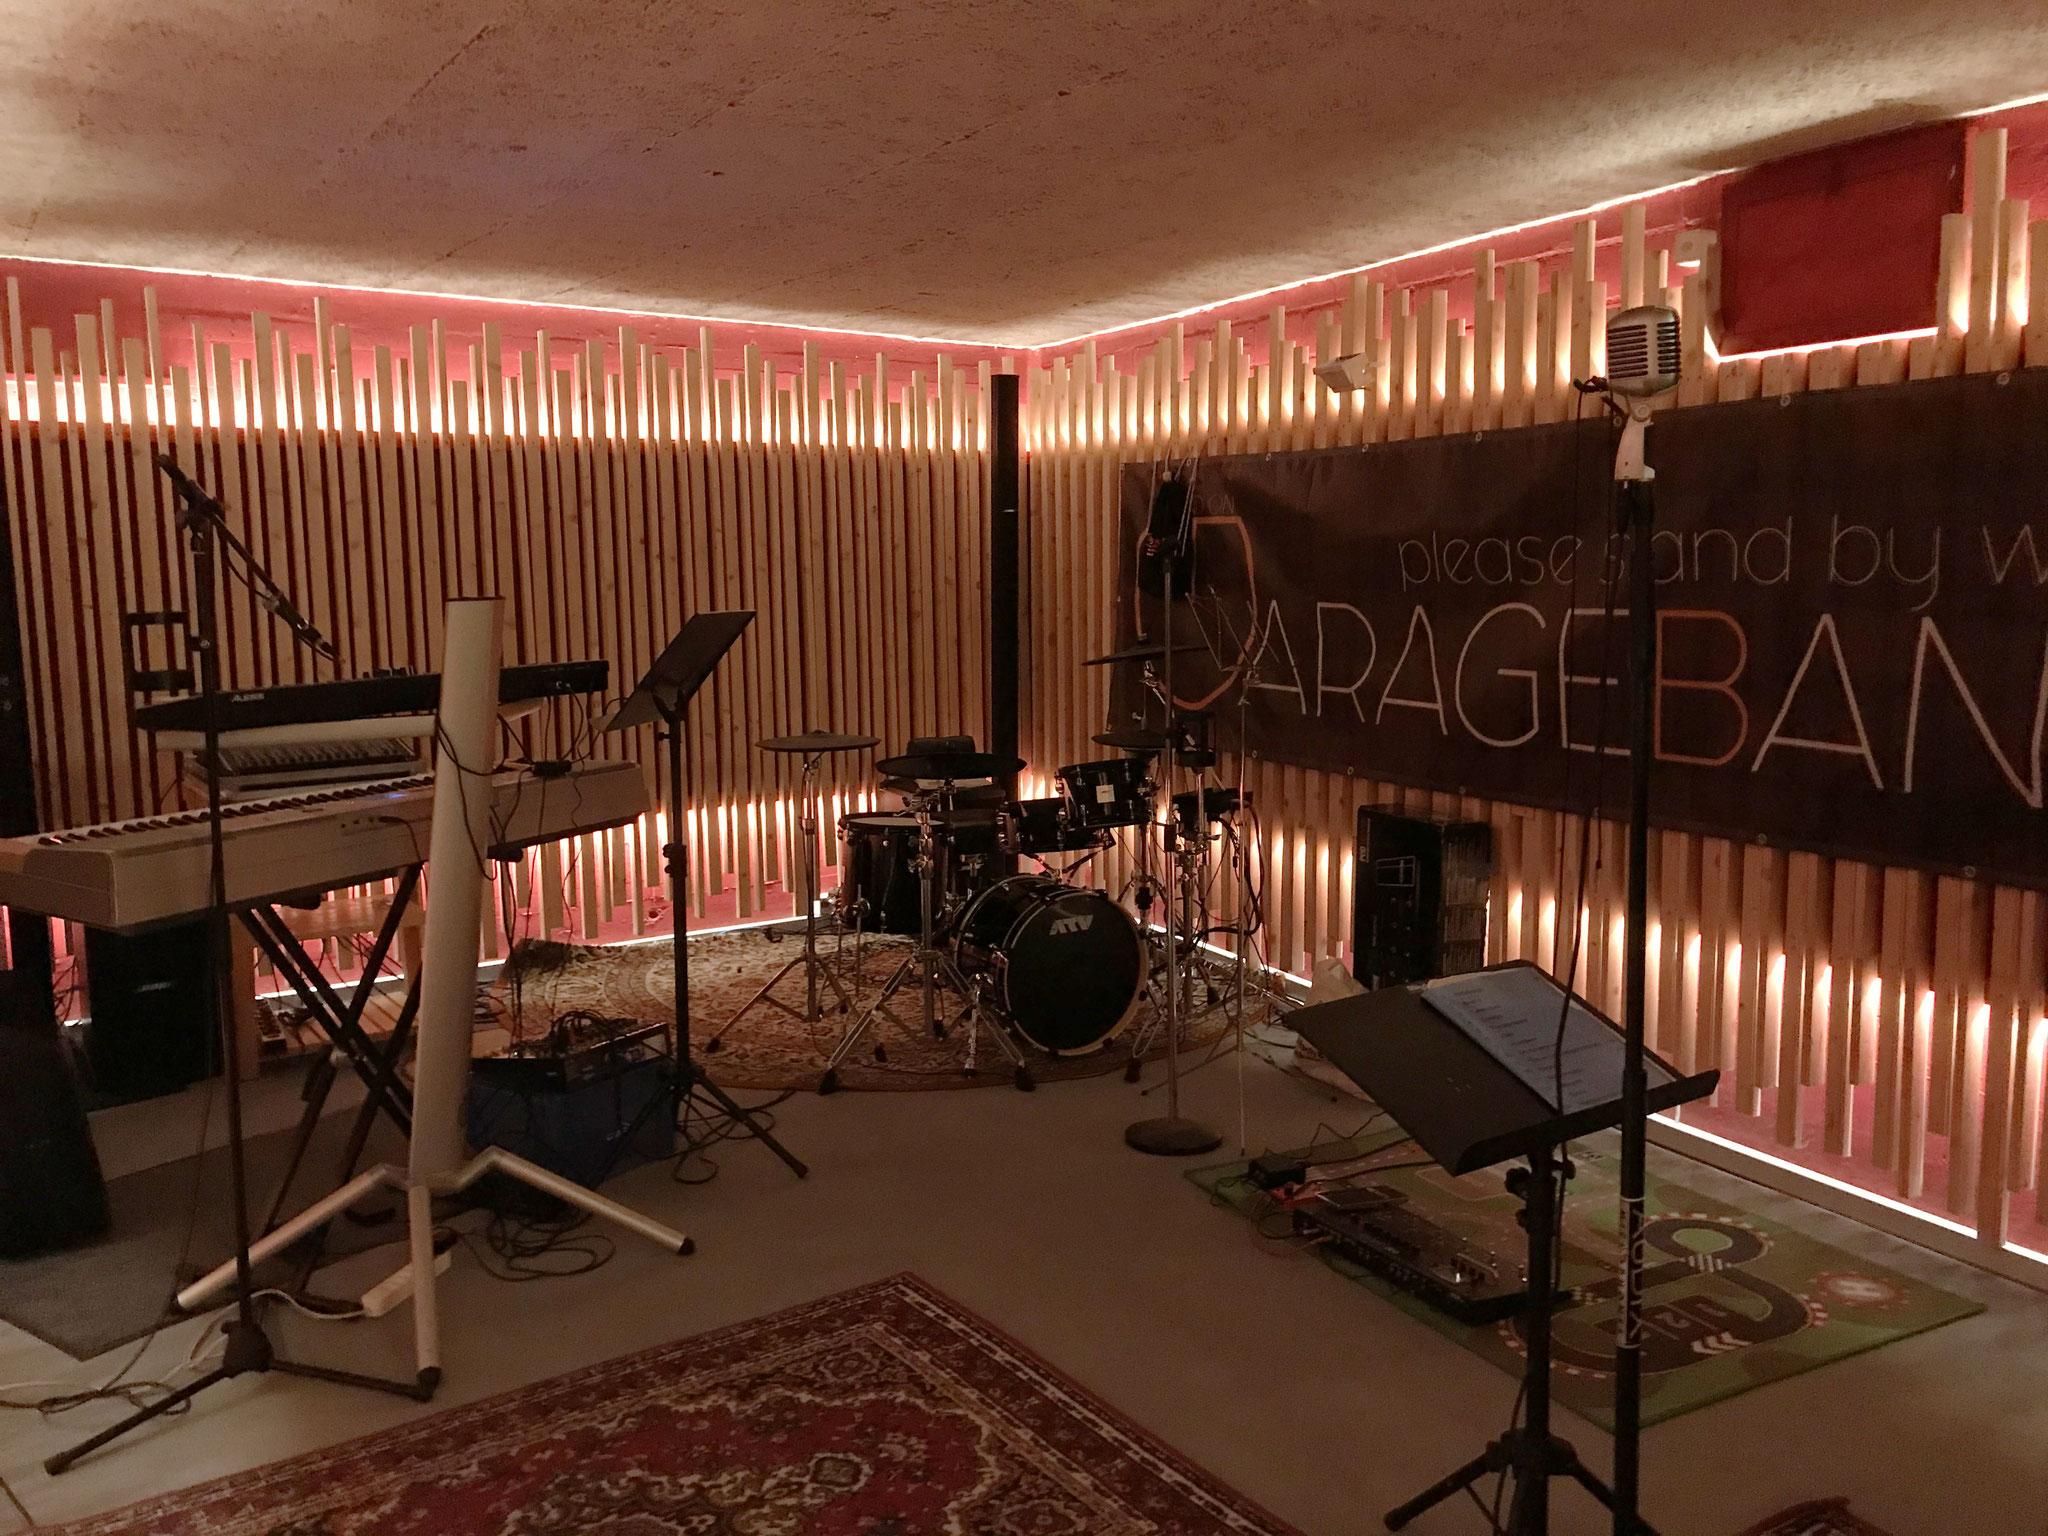 Proberaum garageband